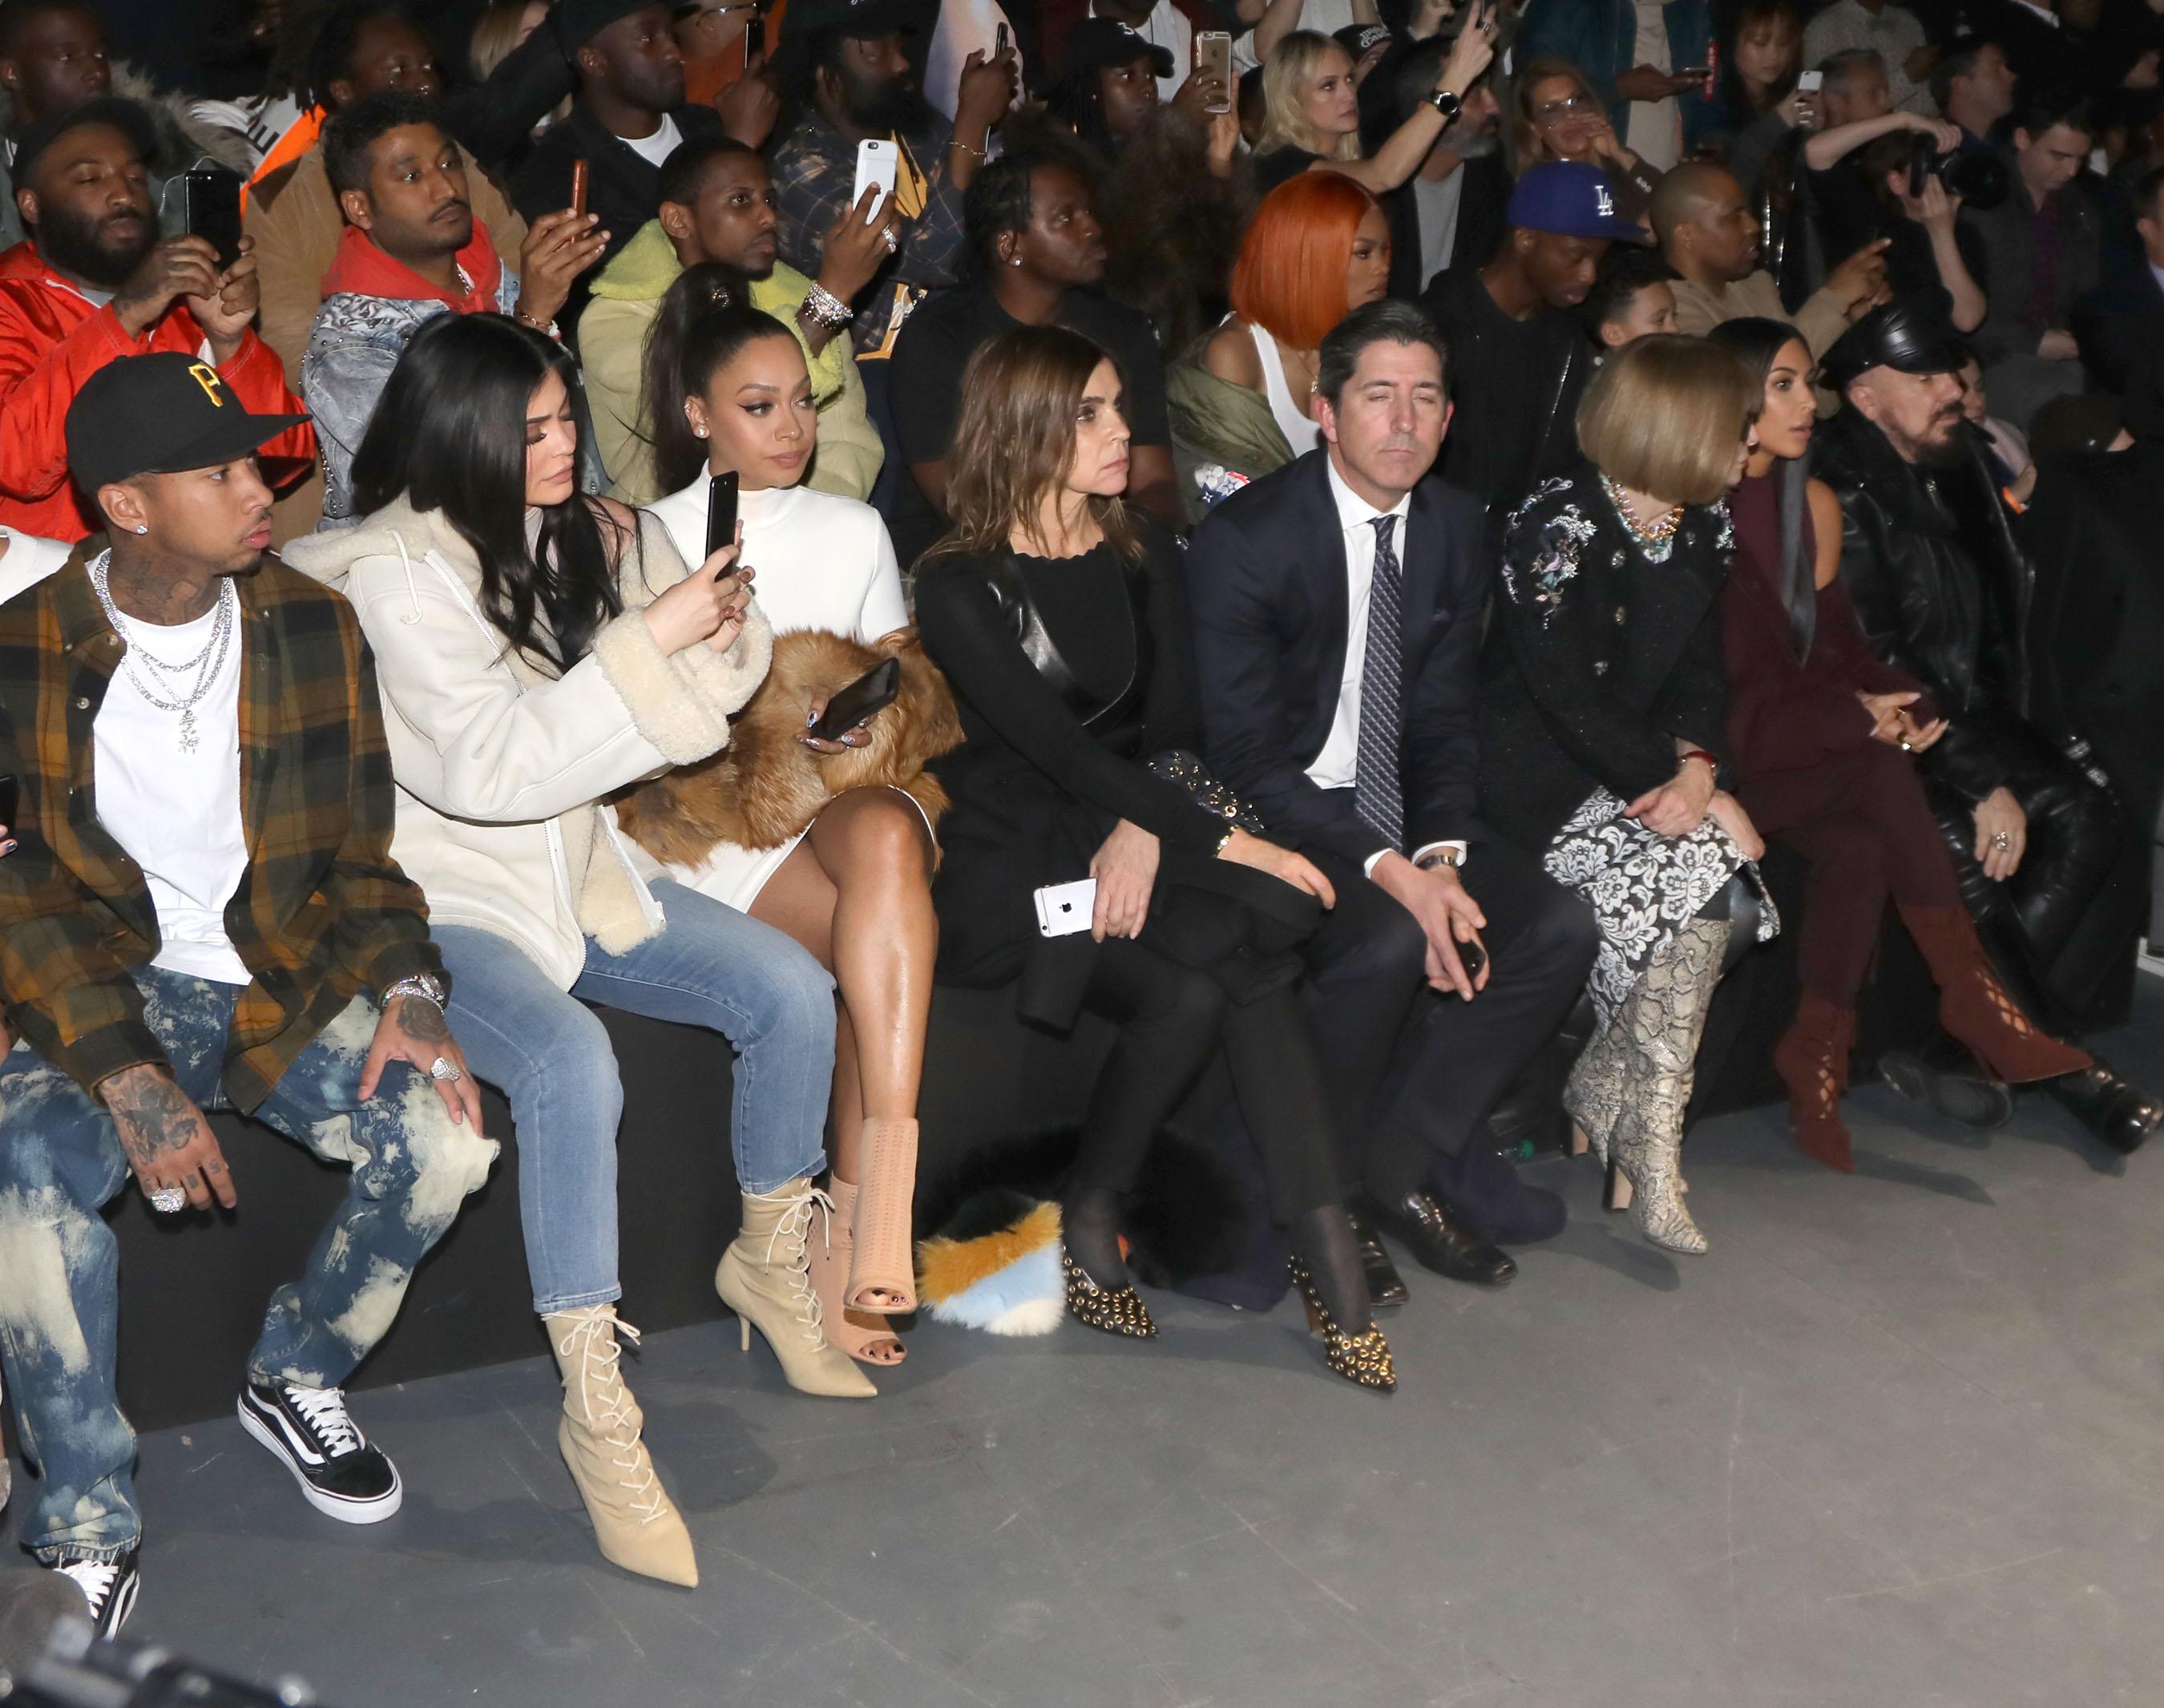 Тайга, Кайли Дженнер, Лала Энтони,и Карин Ройтфельд в первом ряду показа Yeezy Season 5